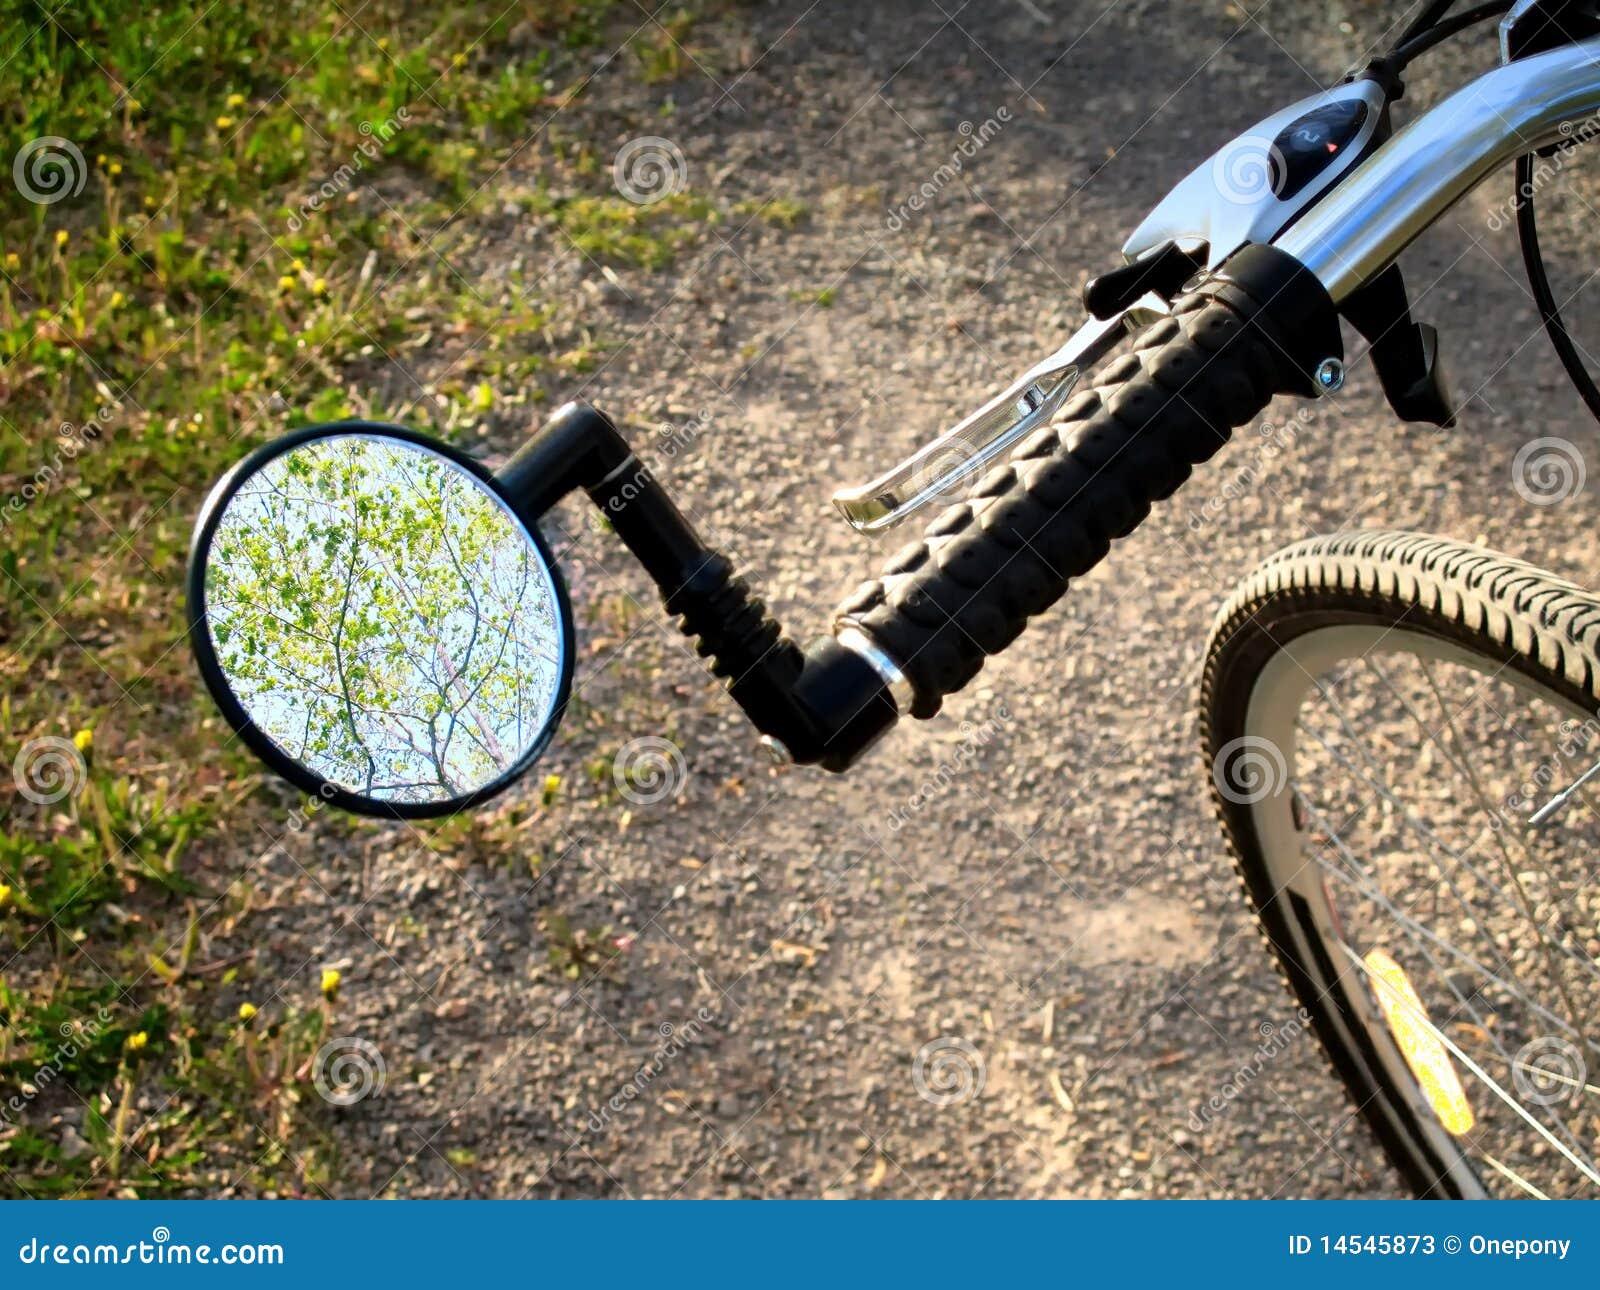 Spiegel Voor Fiets : Goede hand fiets spiegel handschoenen half vinger fietsen gel pad